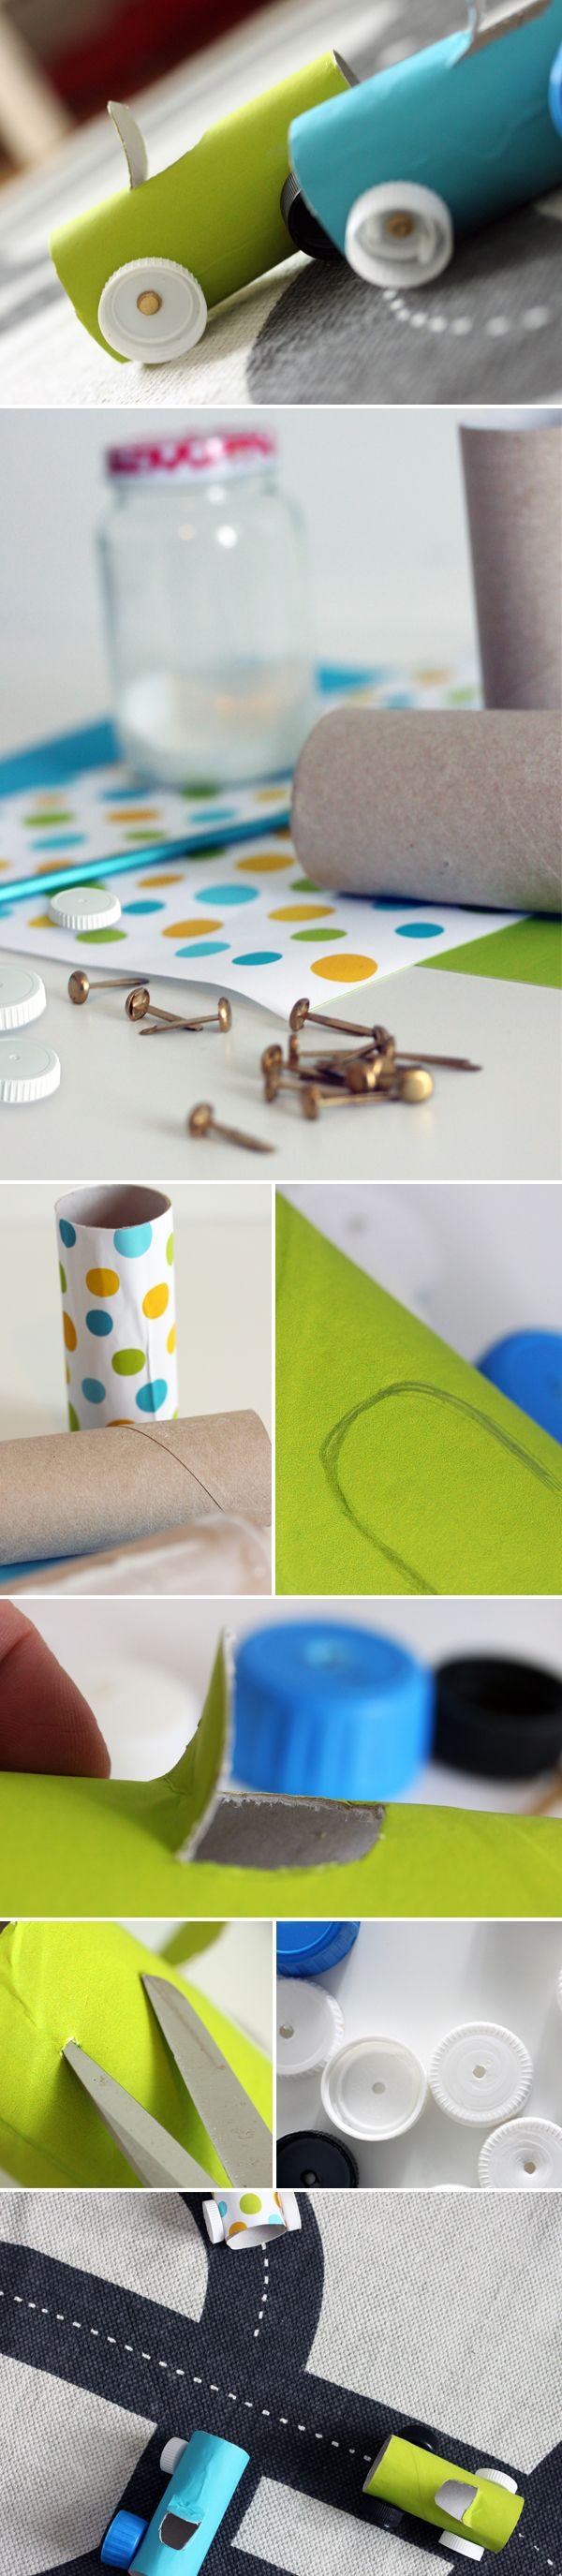 Kesäformulat | lasten | askartelu | kesä | käsityöt | koti | kierrätys | kartonki | DIY ideas | kid crafts | summer | recycling | cardboard | Pikku Kakkonen